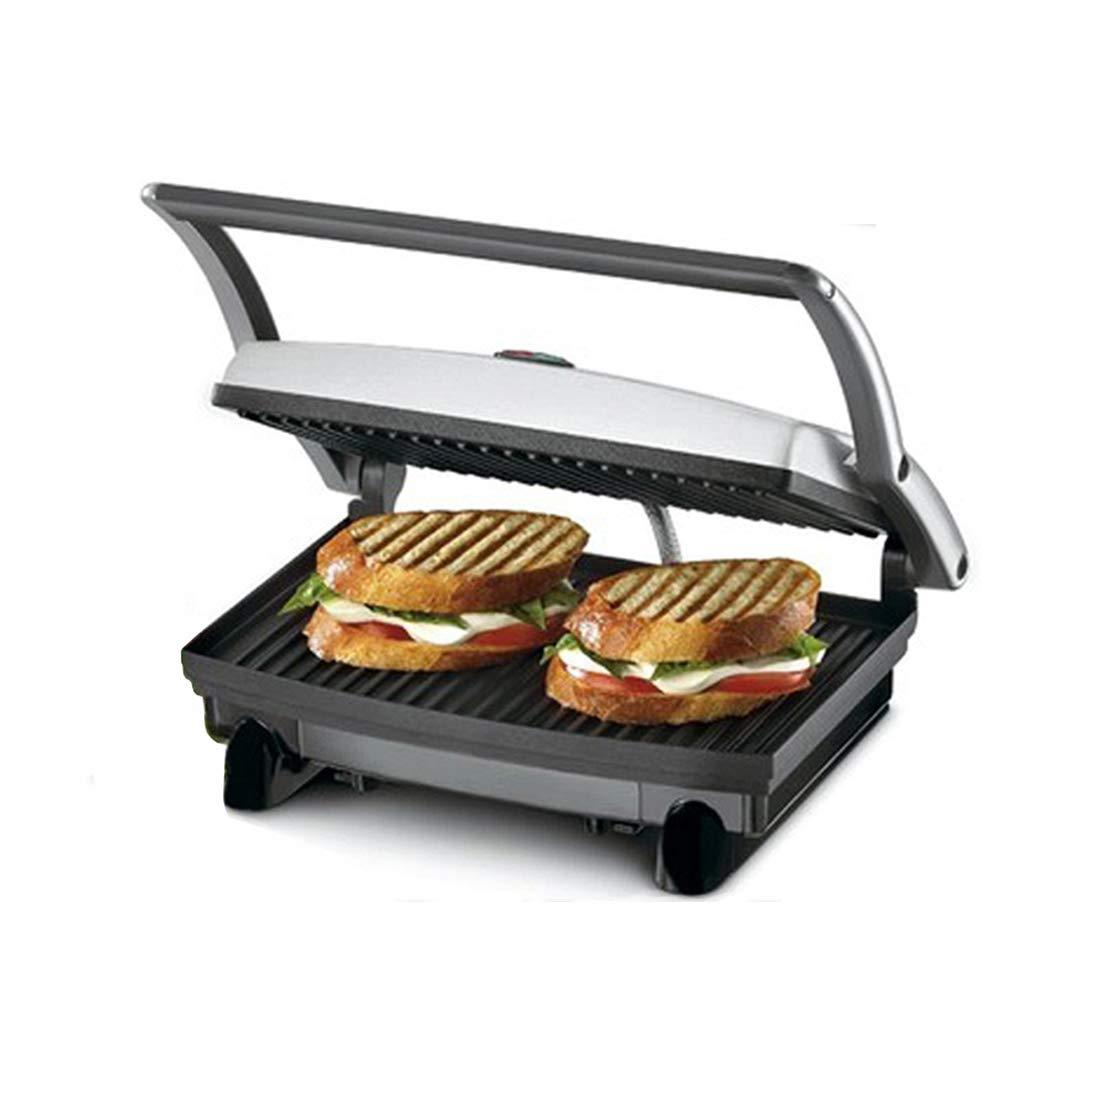 Nova NSG 700 watt Grill Sandwich maker